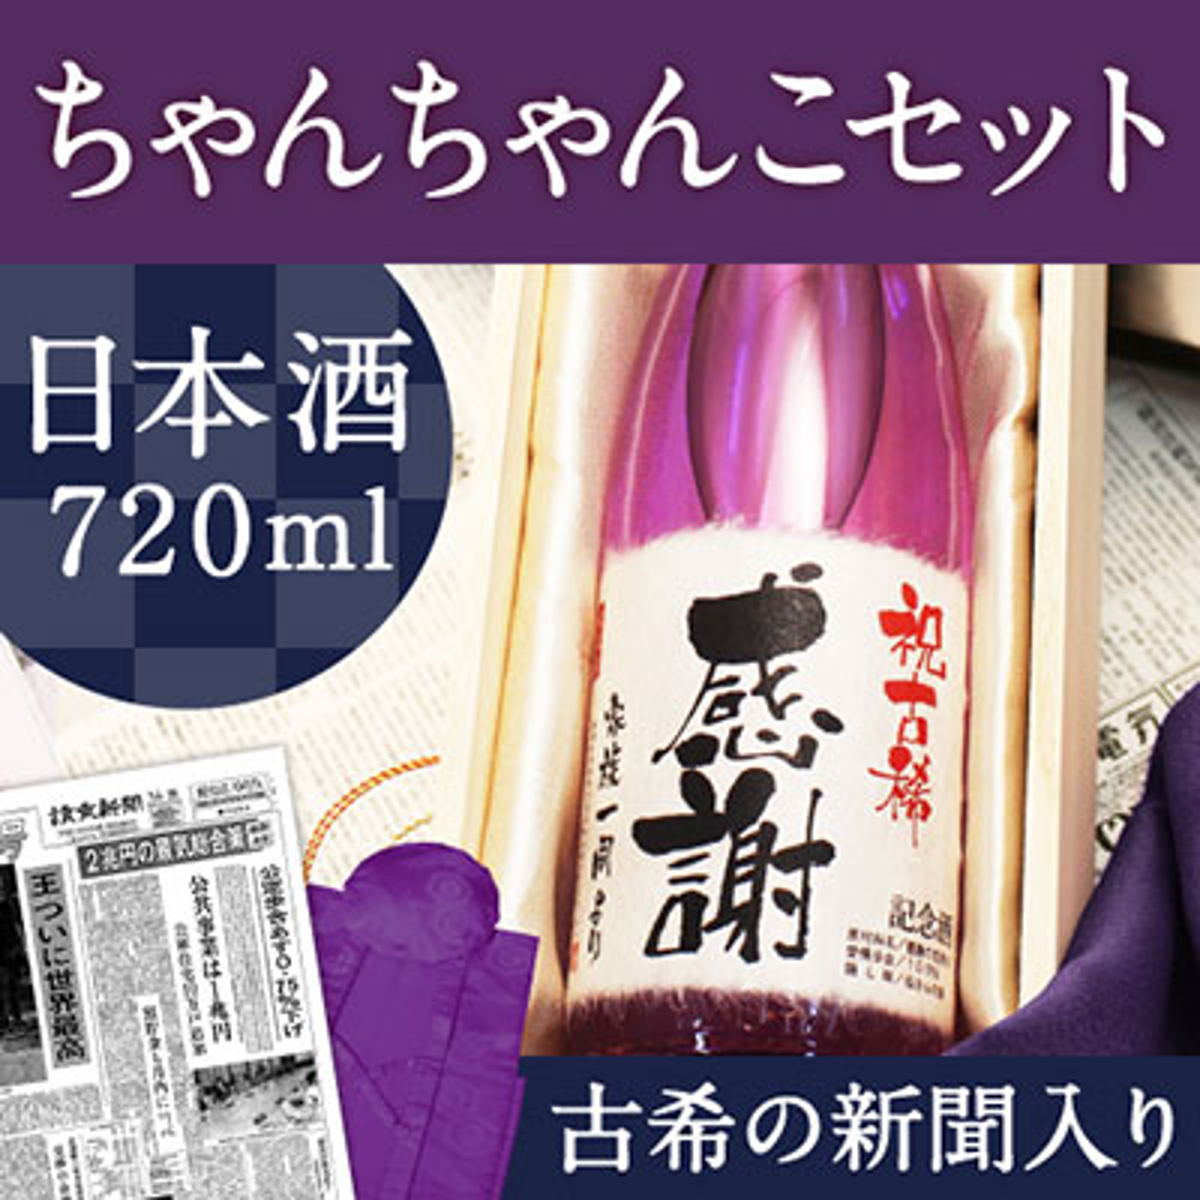 ちゃんちゃんこセット|古希のプレゼント「紫式部」母親向けギフト(日本酒)